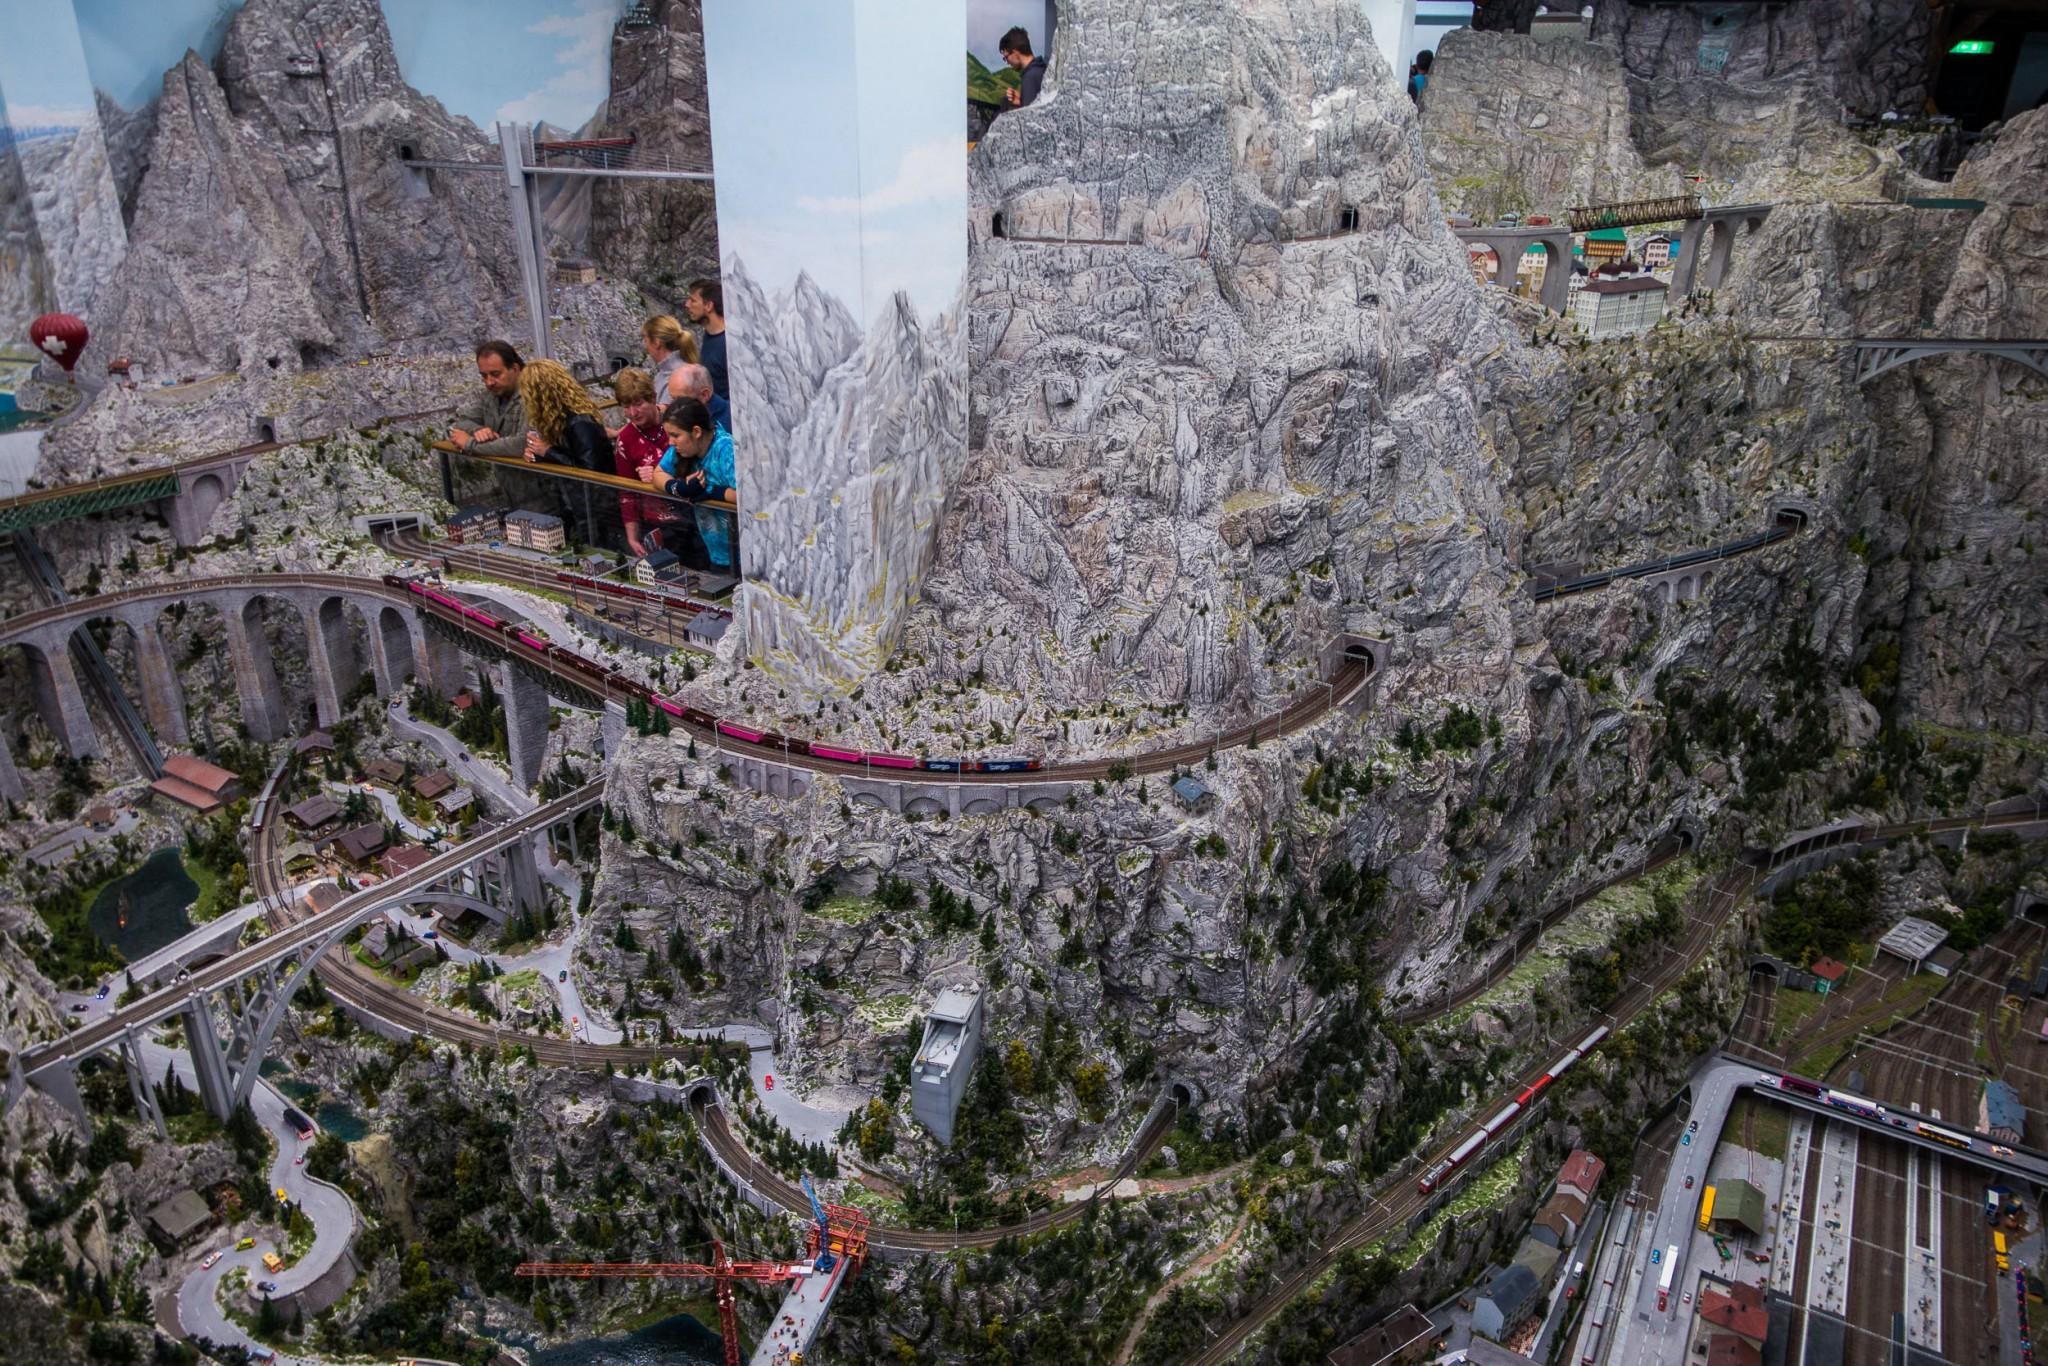 Die Schweiz begeistert auch in Miniformat mit ihren riesen Bergen